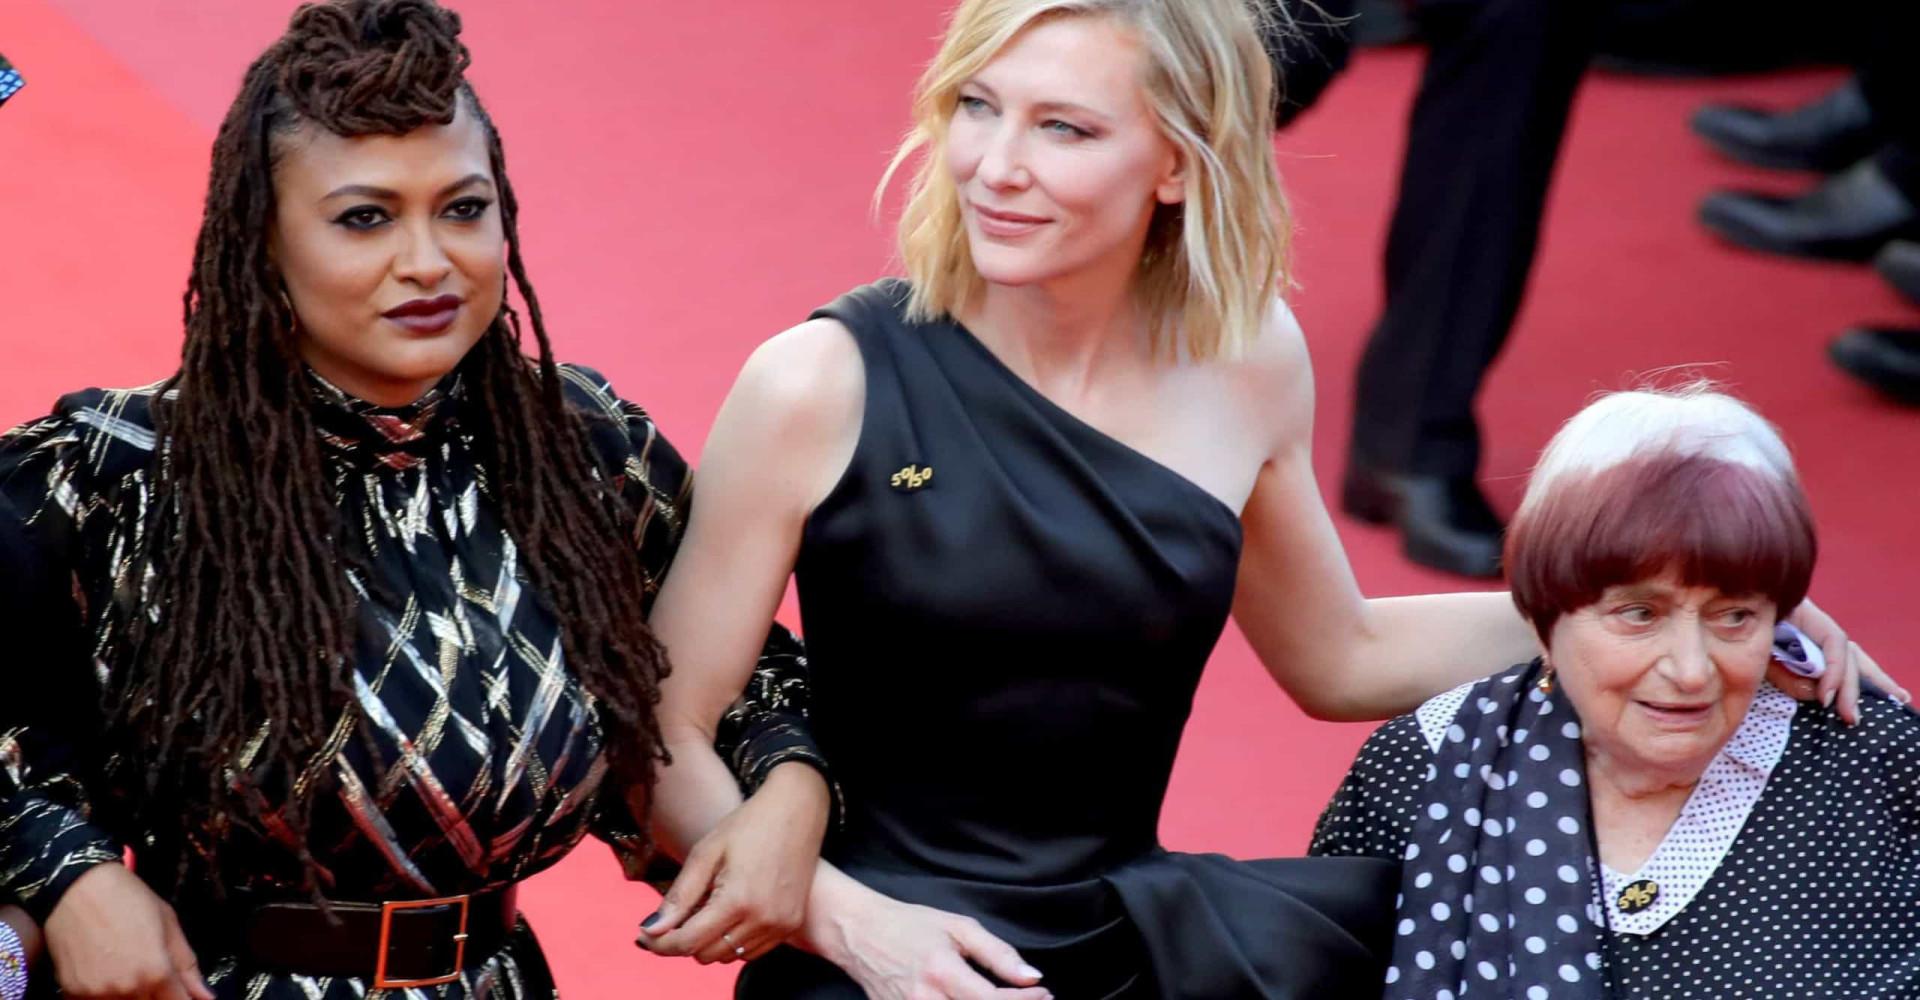 En tillbakablick på höjdpunkter under filmfestivalen i Cannes genom åren